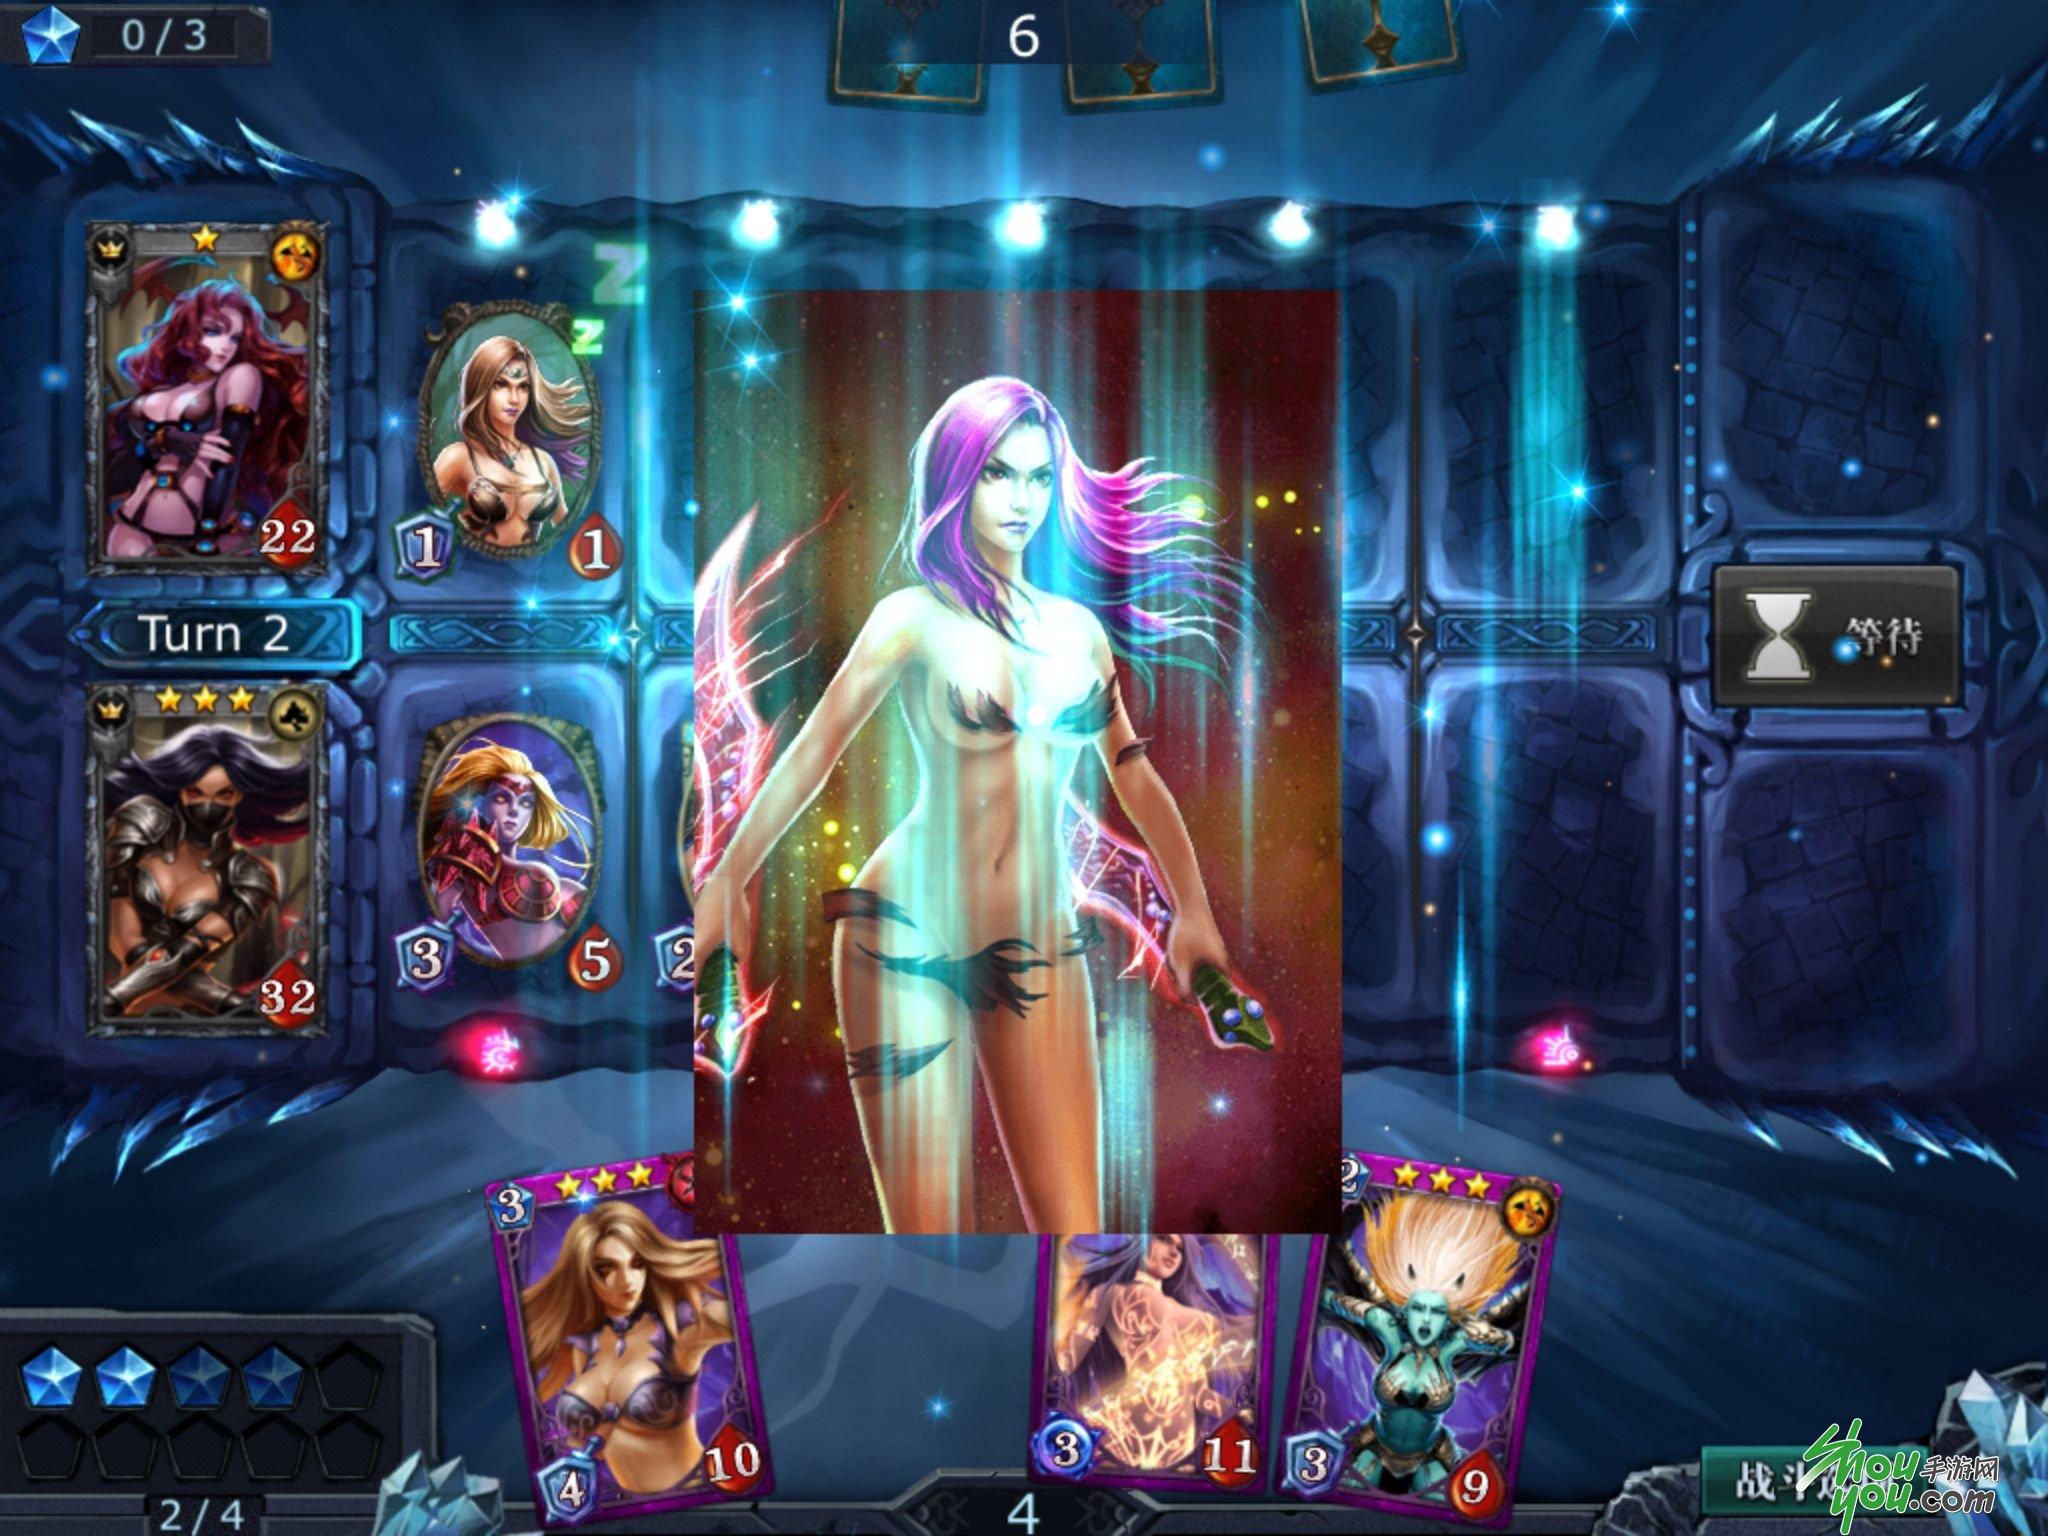 西方魔幻精品手机游戏《天天爱爆衣》